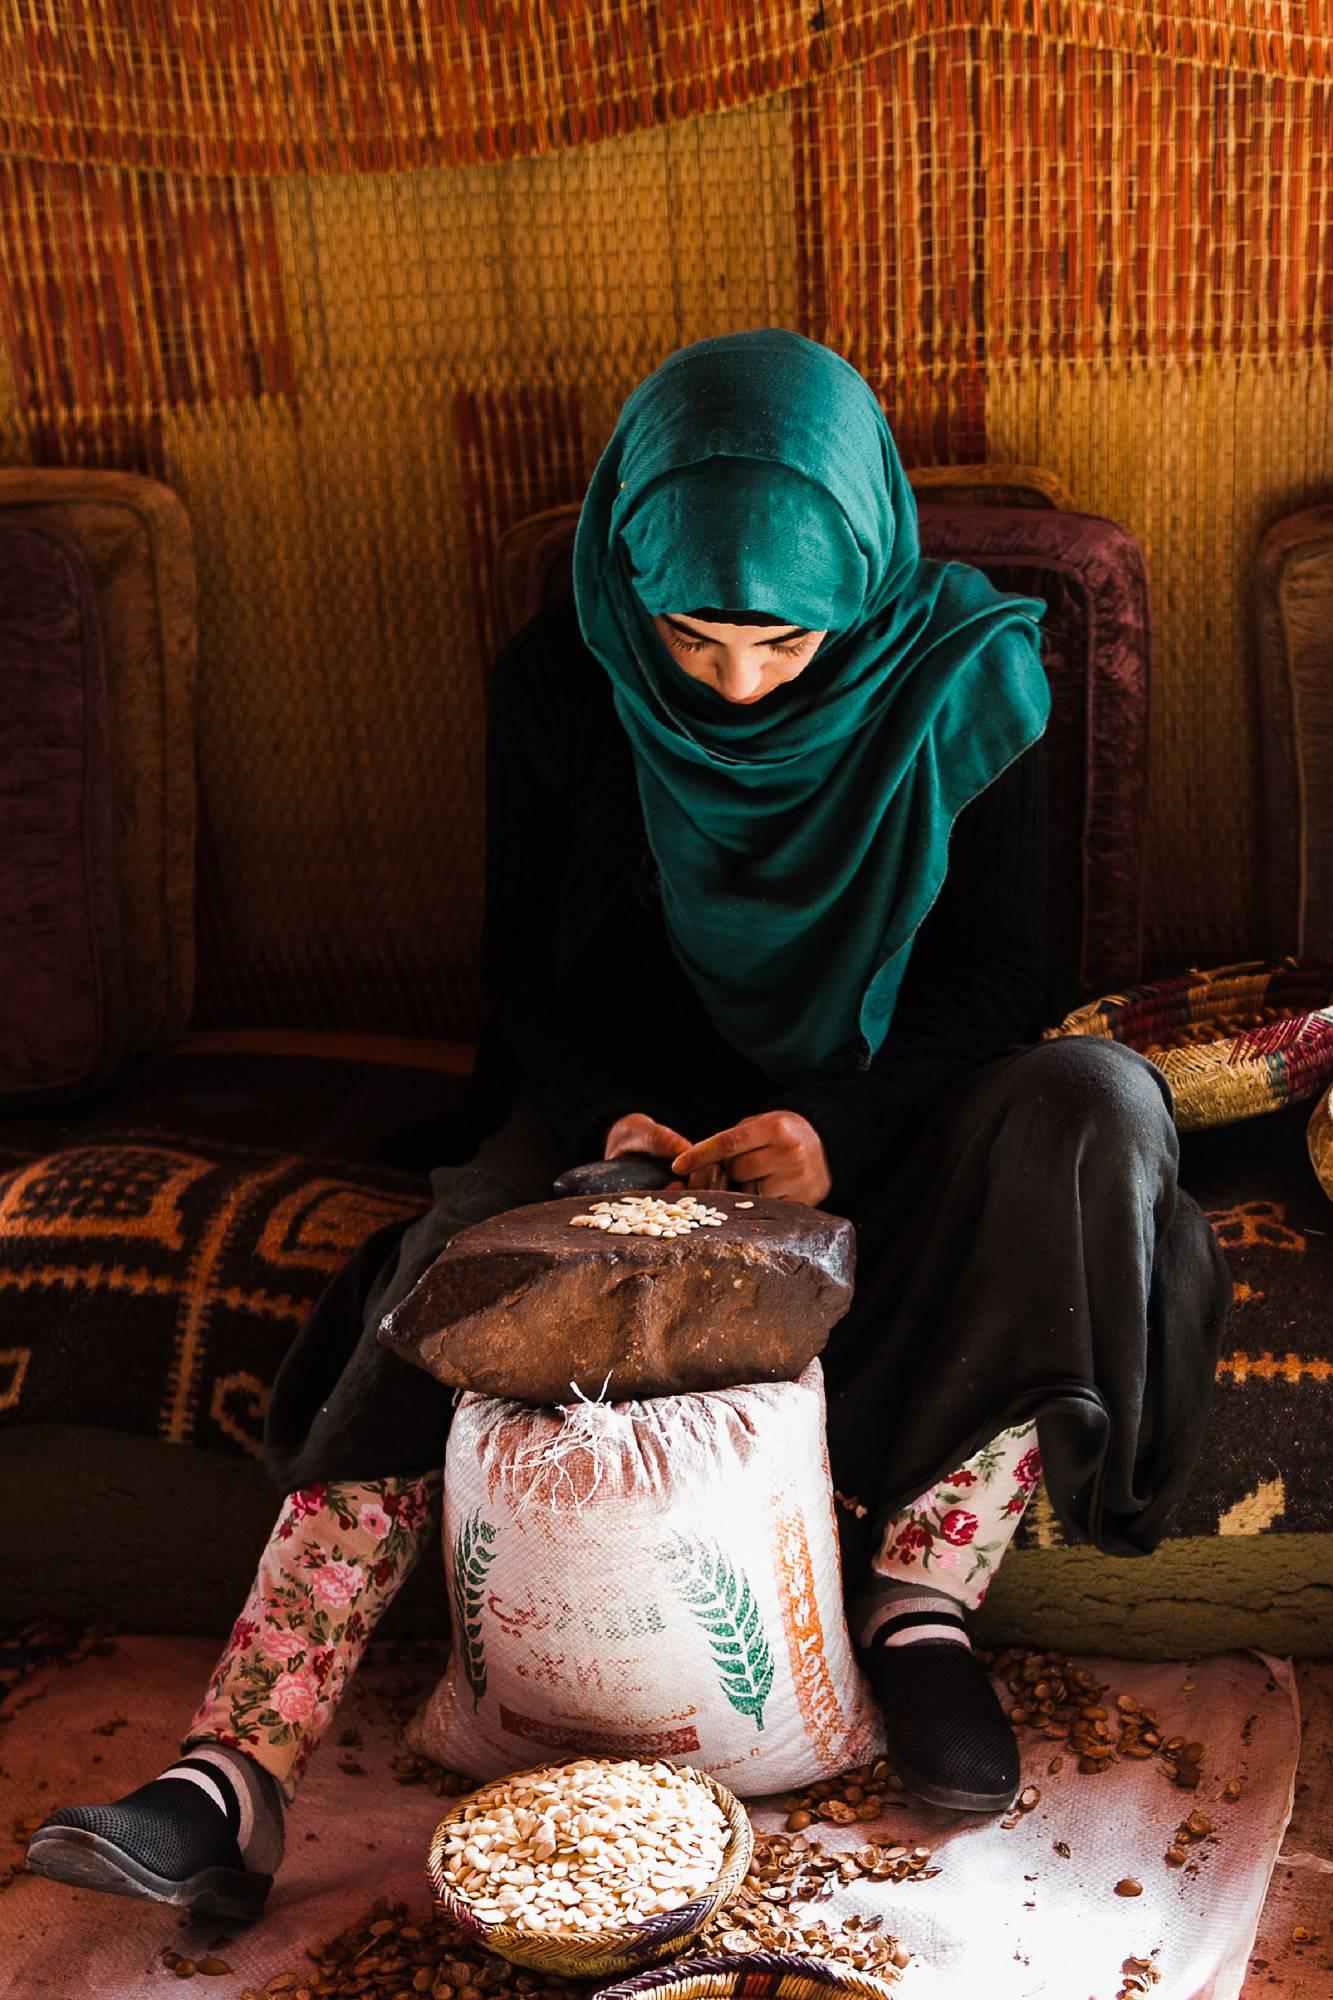 Morocco Sahara argan farmer vendor